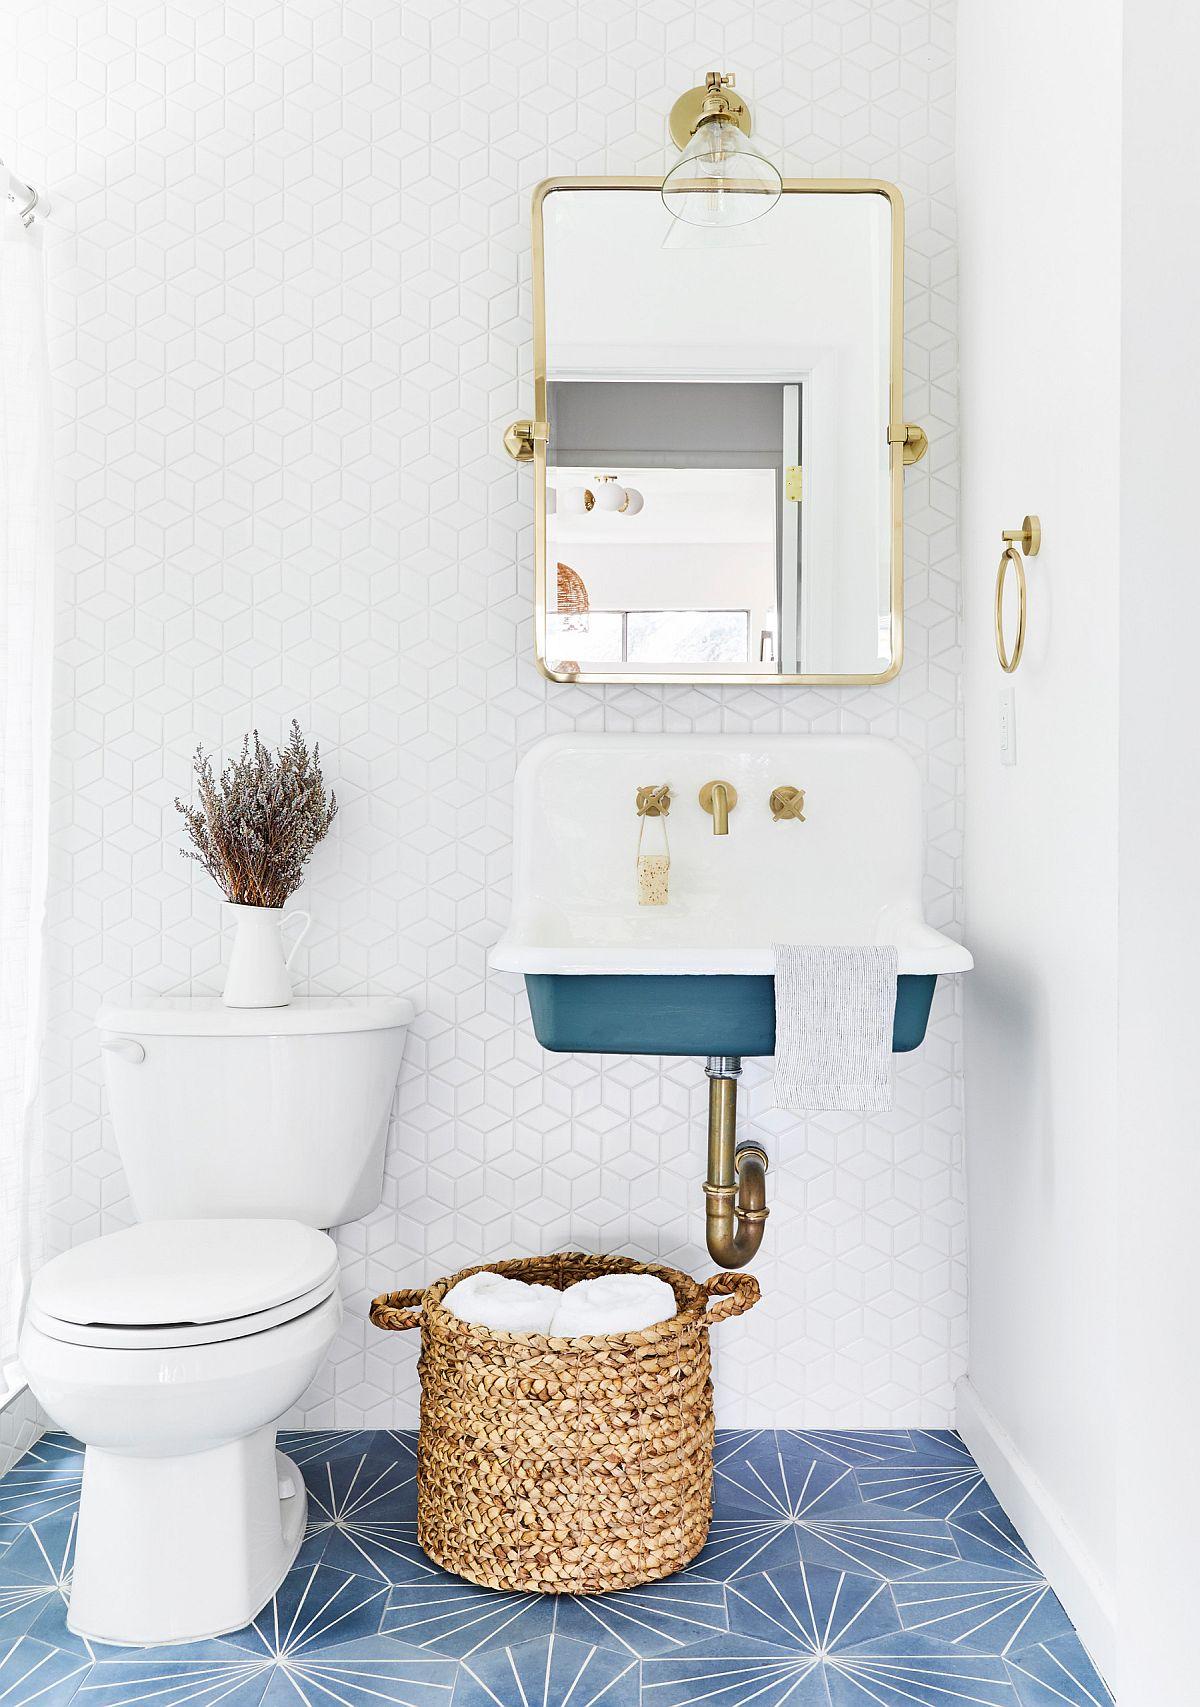 """Decor phòng tắm mùa hè """"mát lịm"""" với tông màu trắng - xanh - Ảnh 8."""